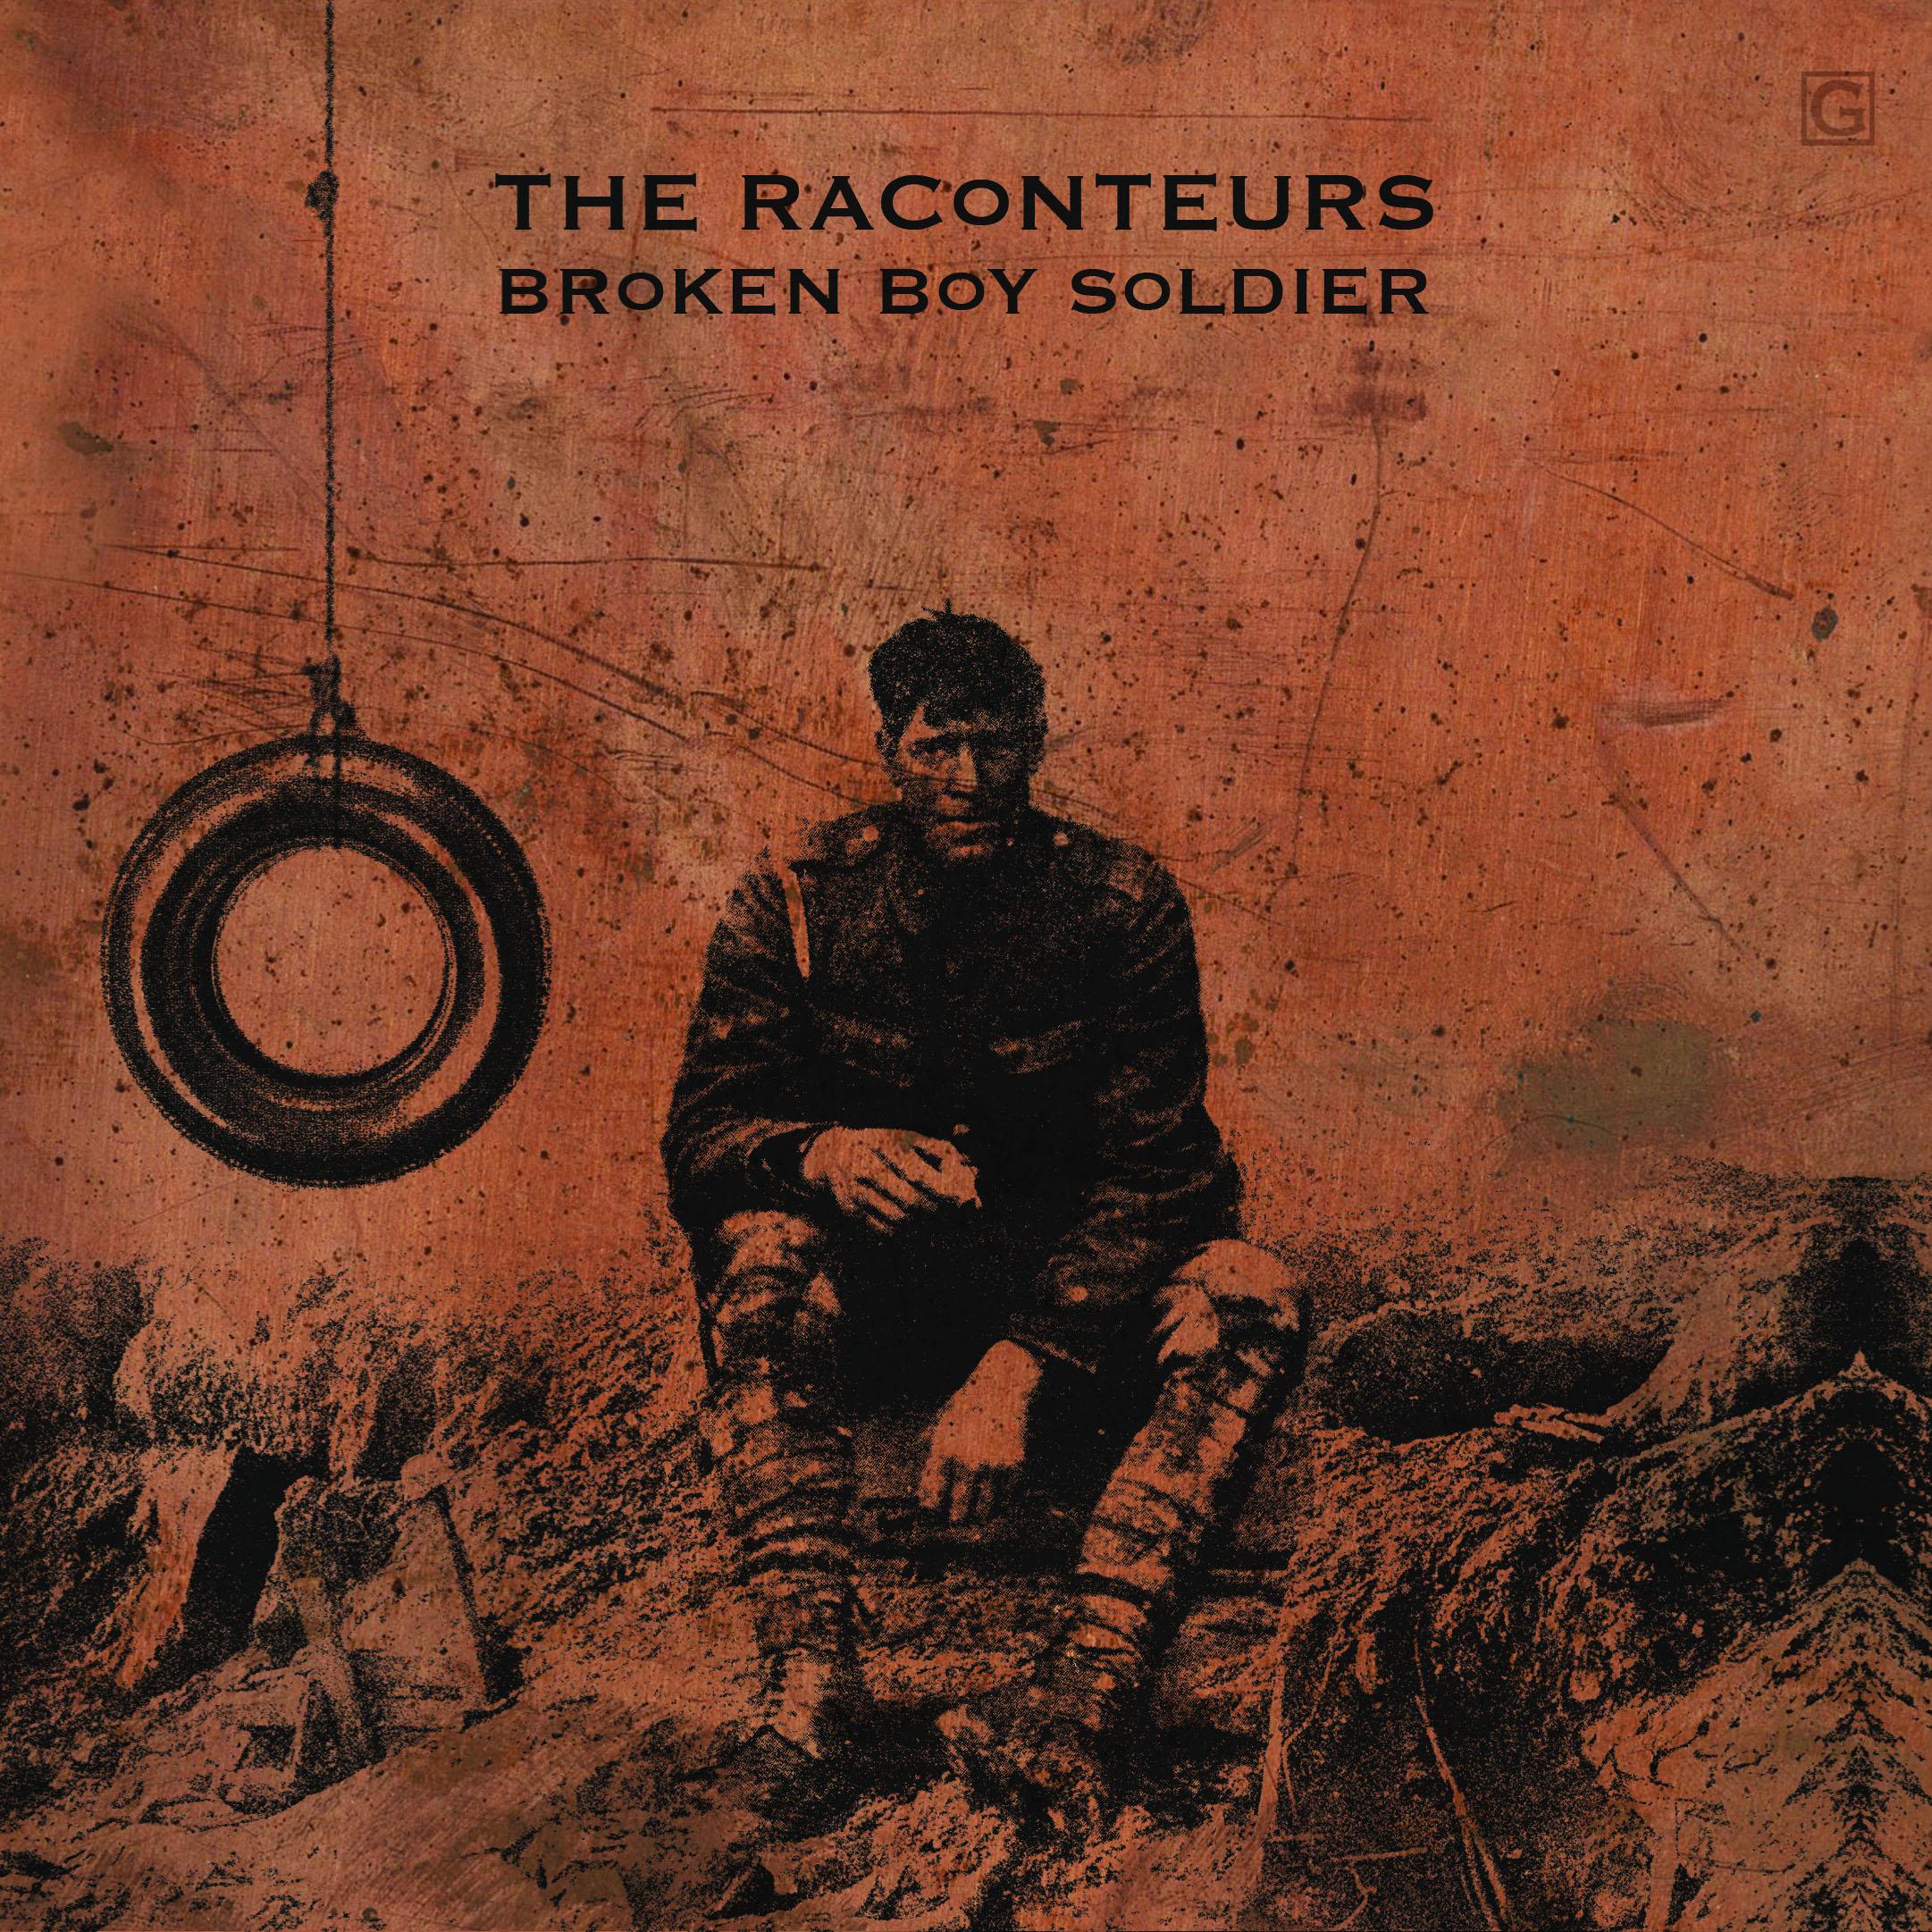 The Raconteurs Broken Boy Soldier